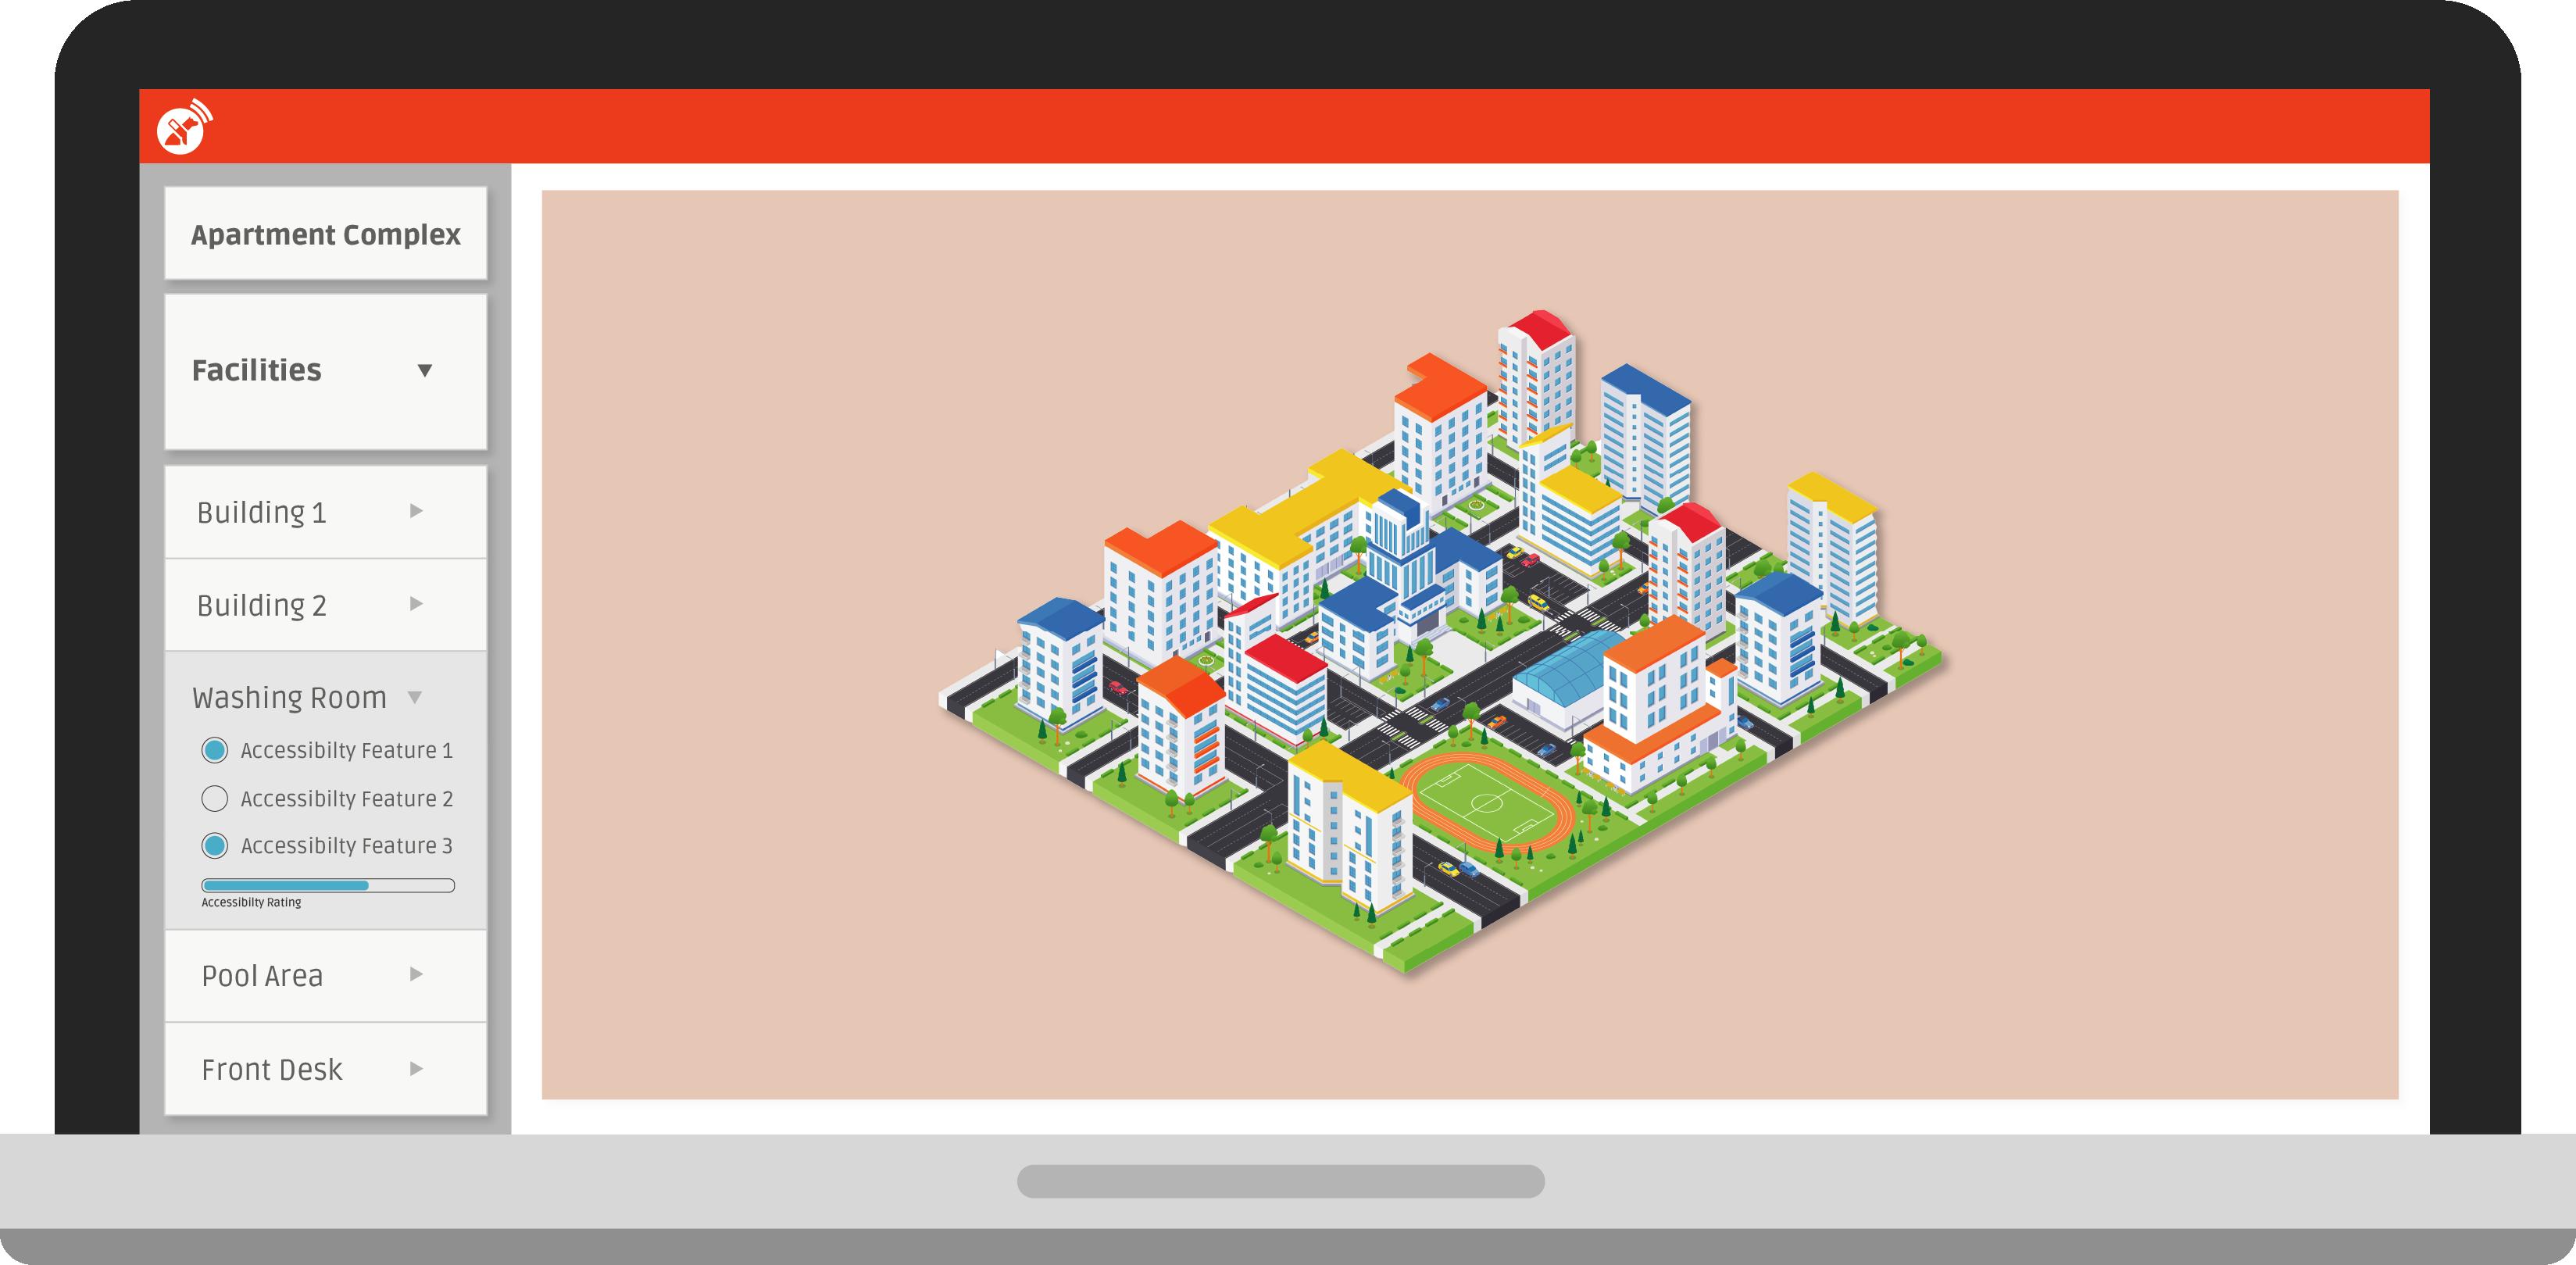 Pantalla de computadora que muestra un mapa detallado de un complejo de apartamentos.